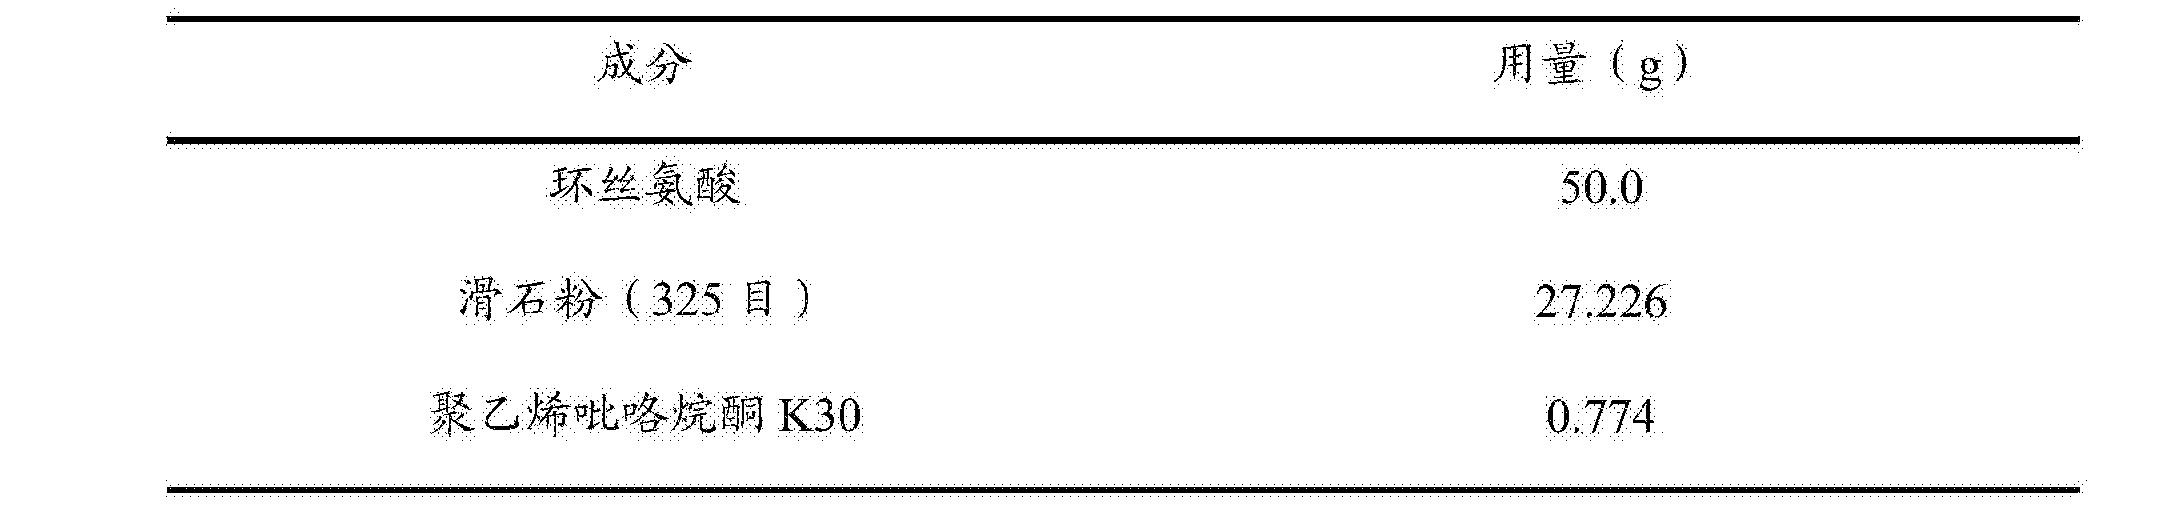 Figure CN105476976BD00231